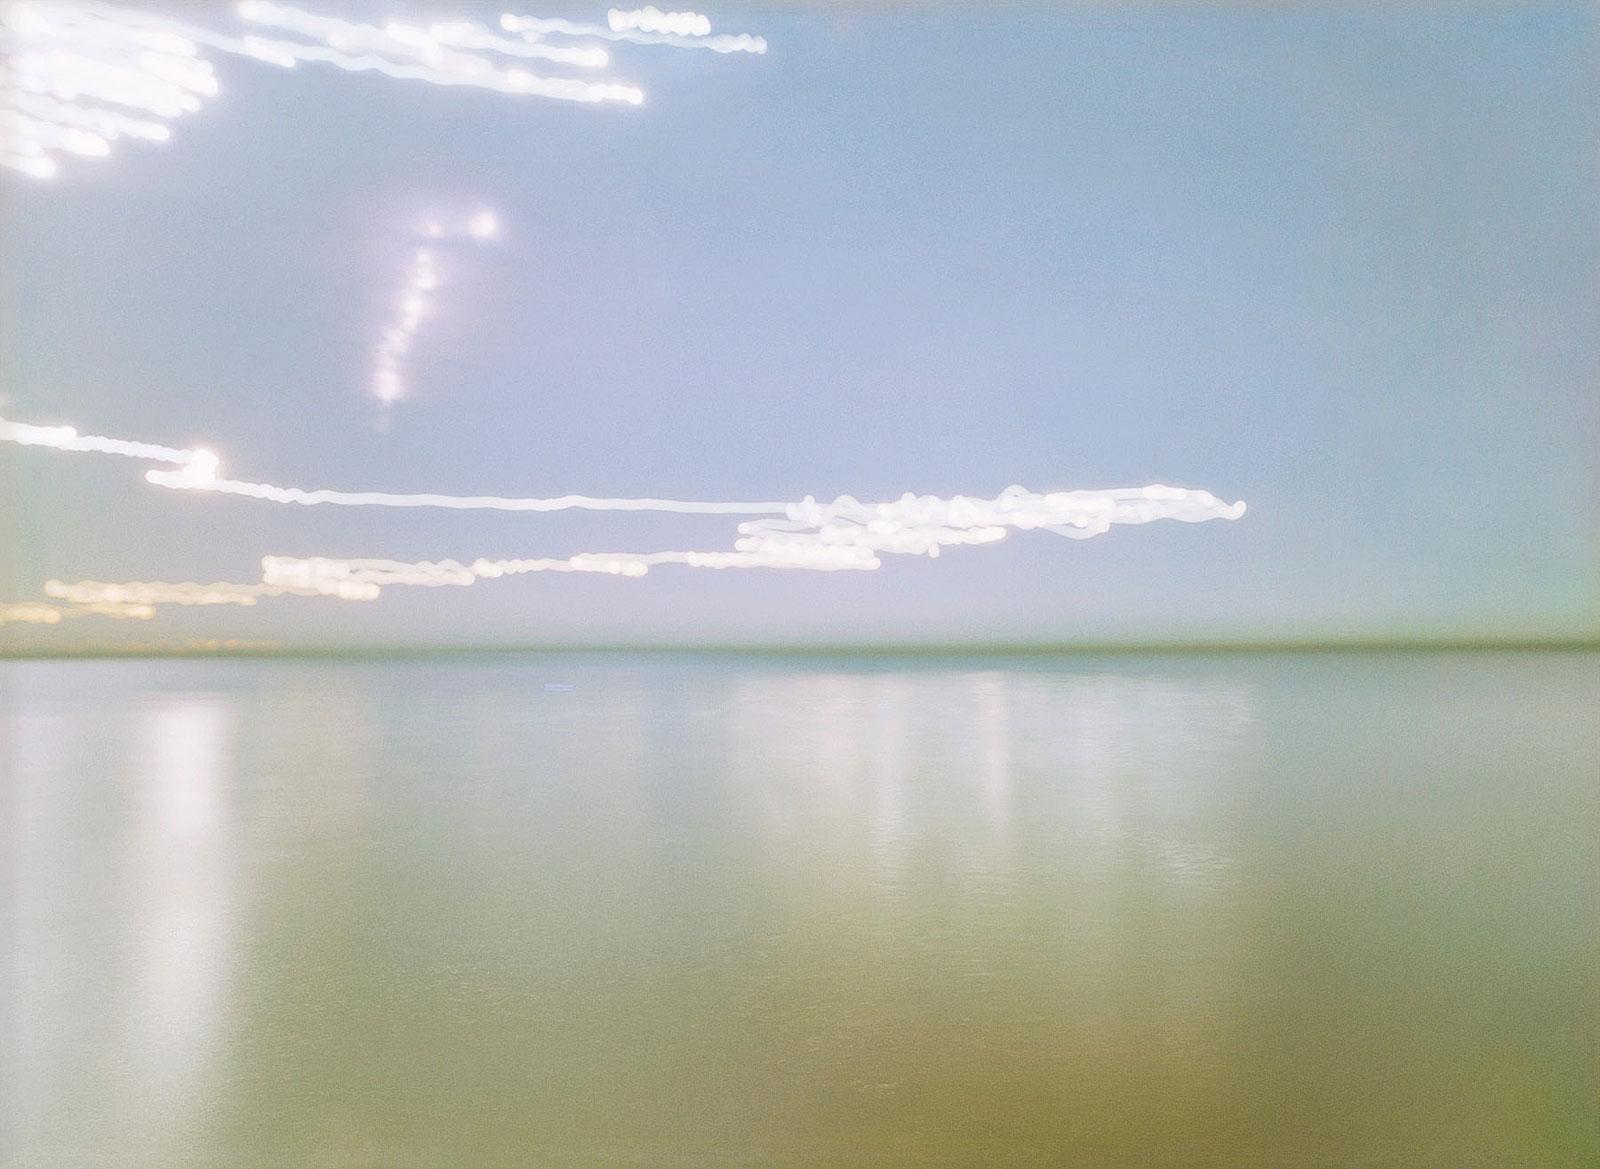 Manaus - Santarém (17.00 Uhr, 29.7. - 8.00 Uhr, 31.7.2003)